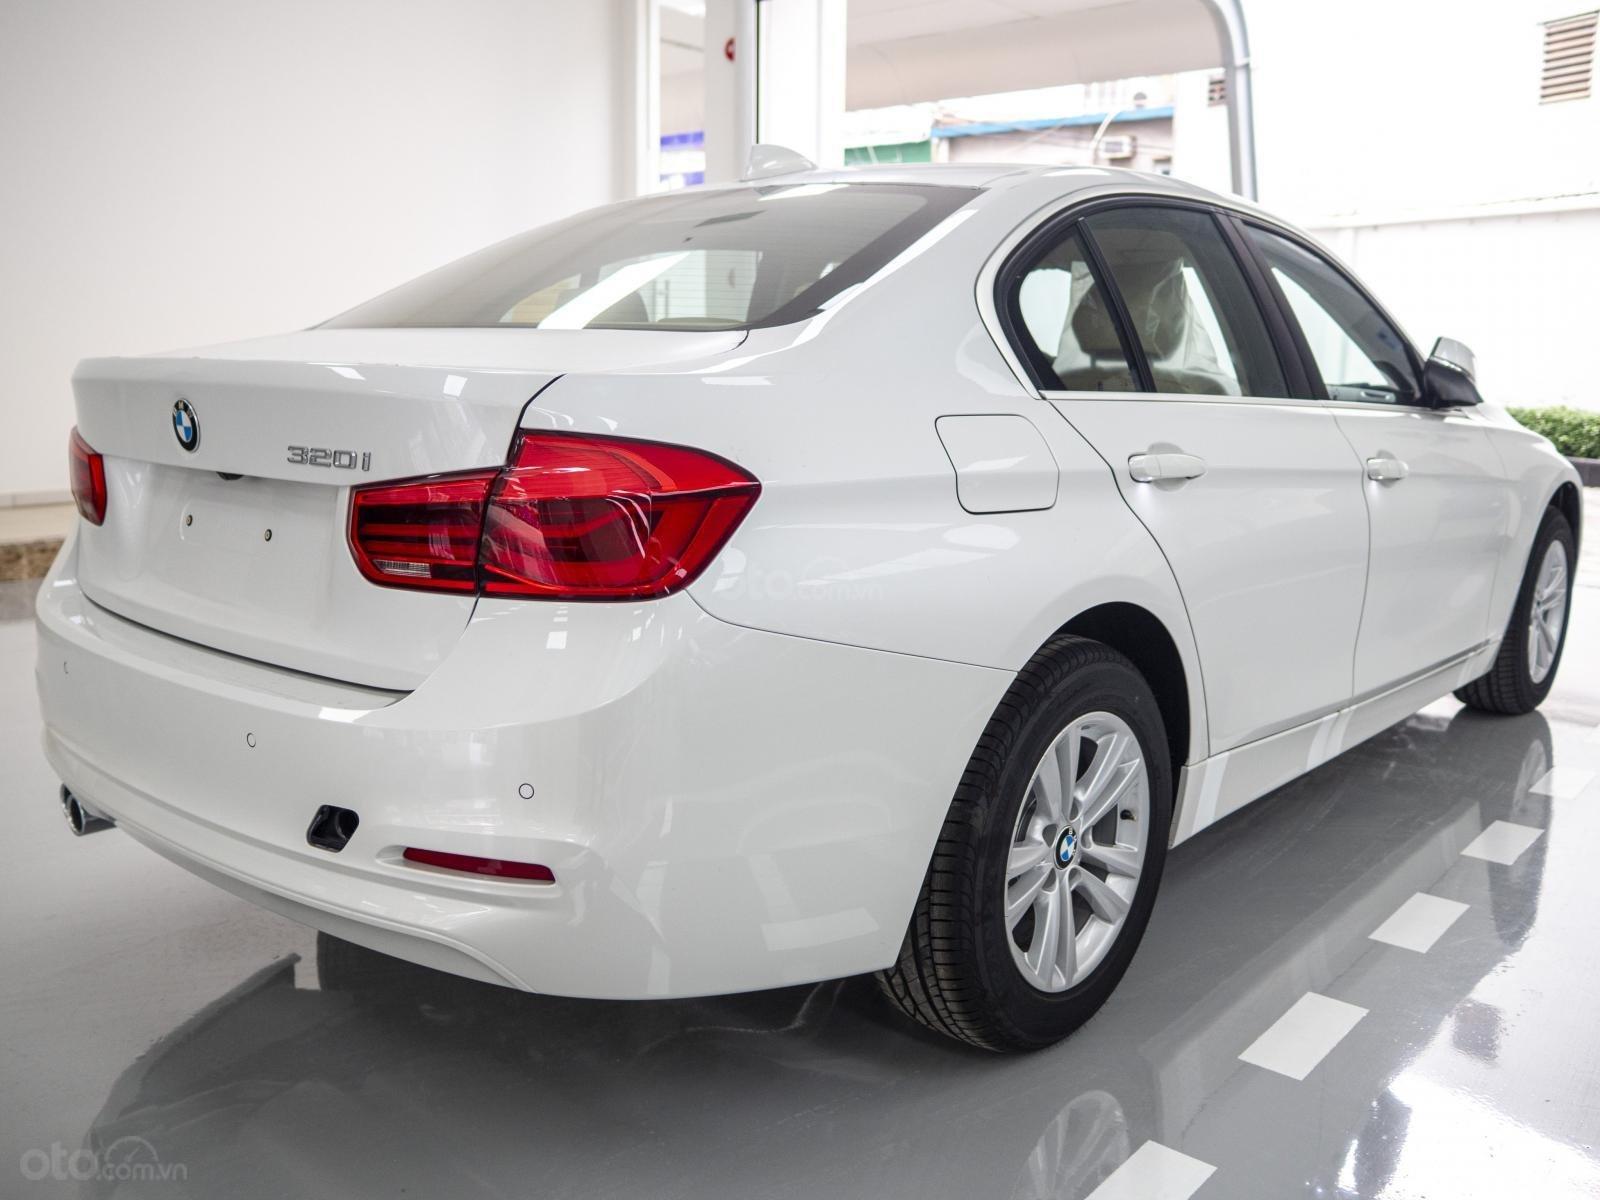 BMW 320i nhập Đức với siêu ưu đãi lớn lên đến 300 triệu, giá cực tốt tại thời điểm cuối năm (8)